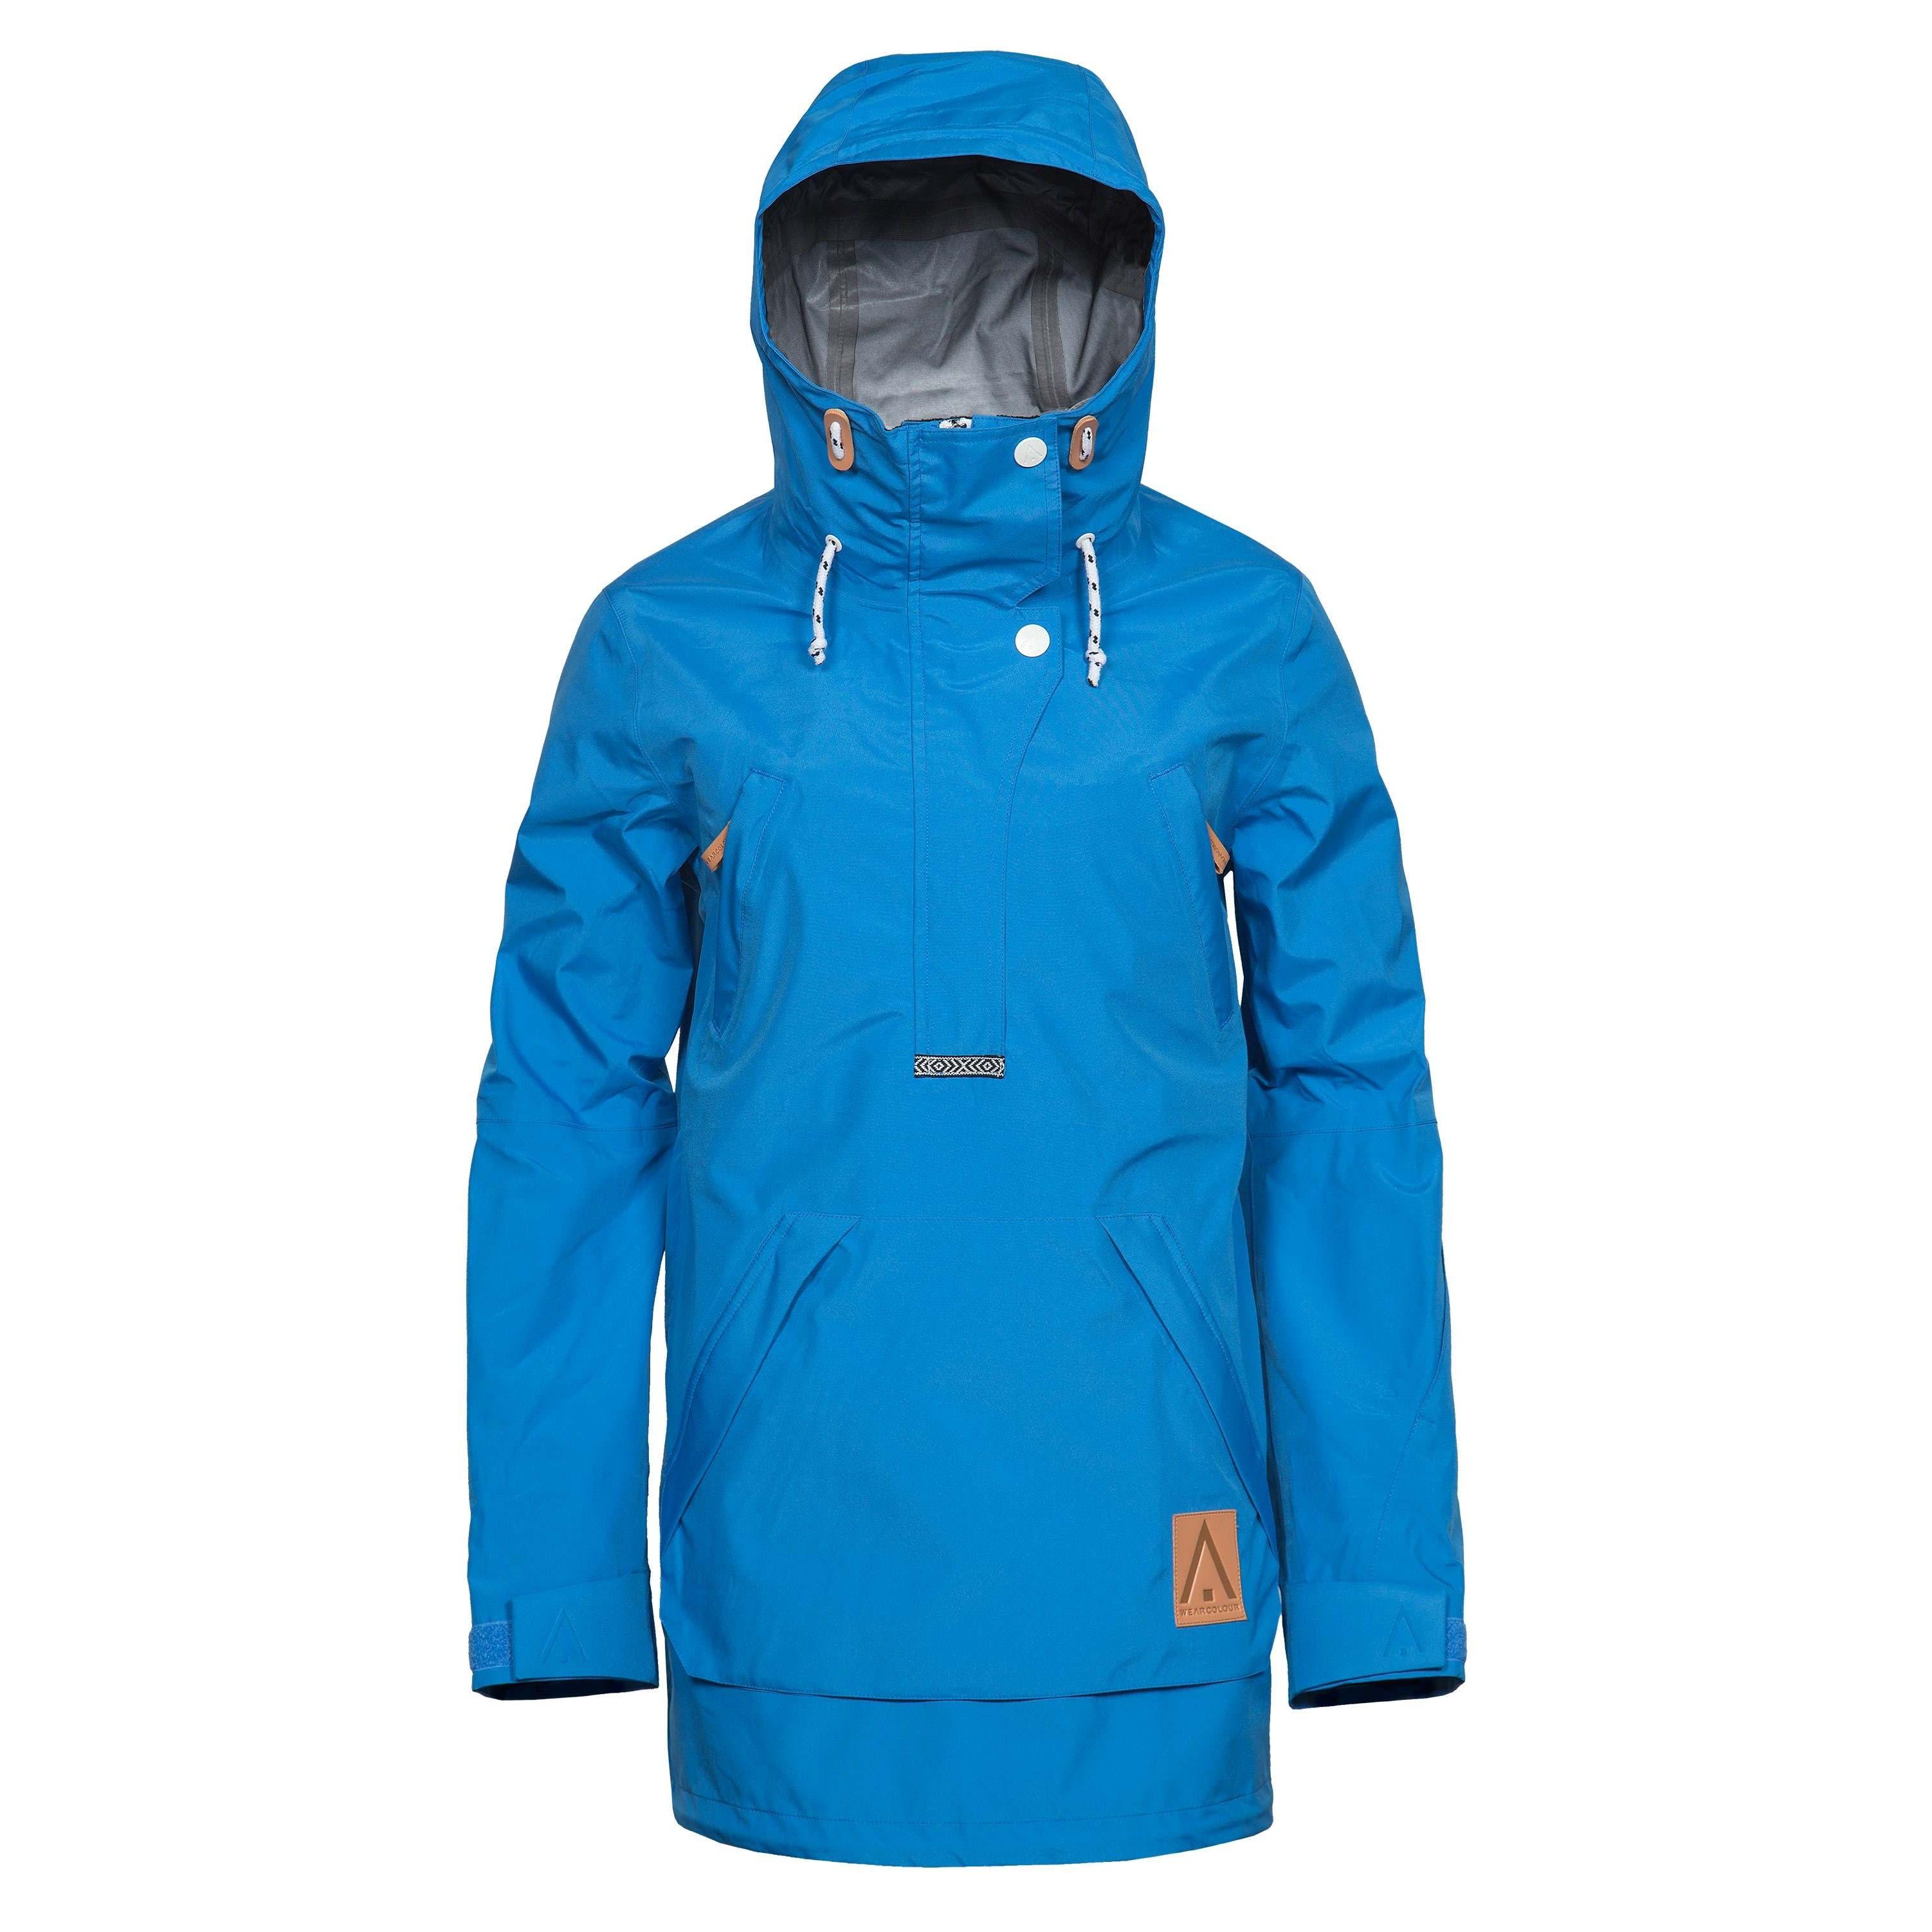 Kjøp WearColour Women's KJ Jacket fra Outnorth